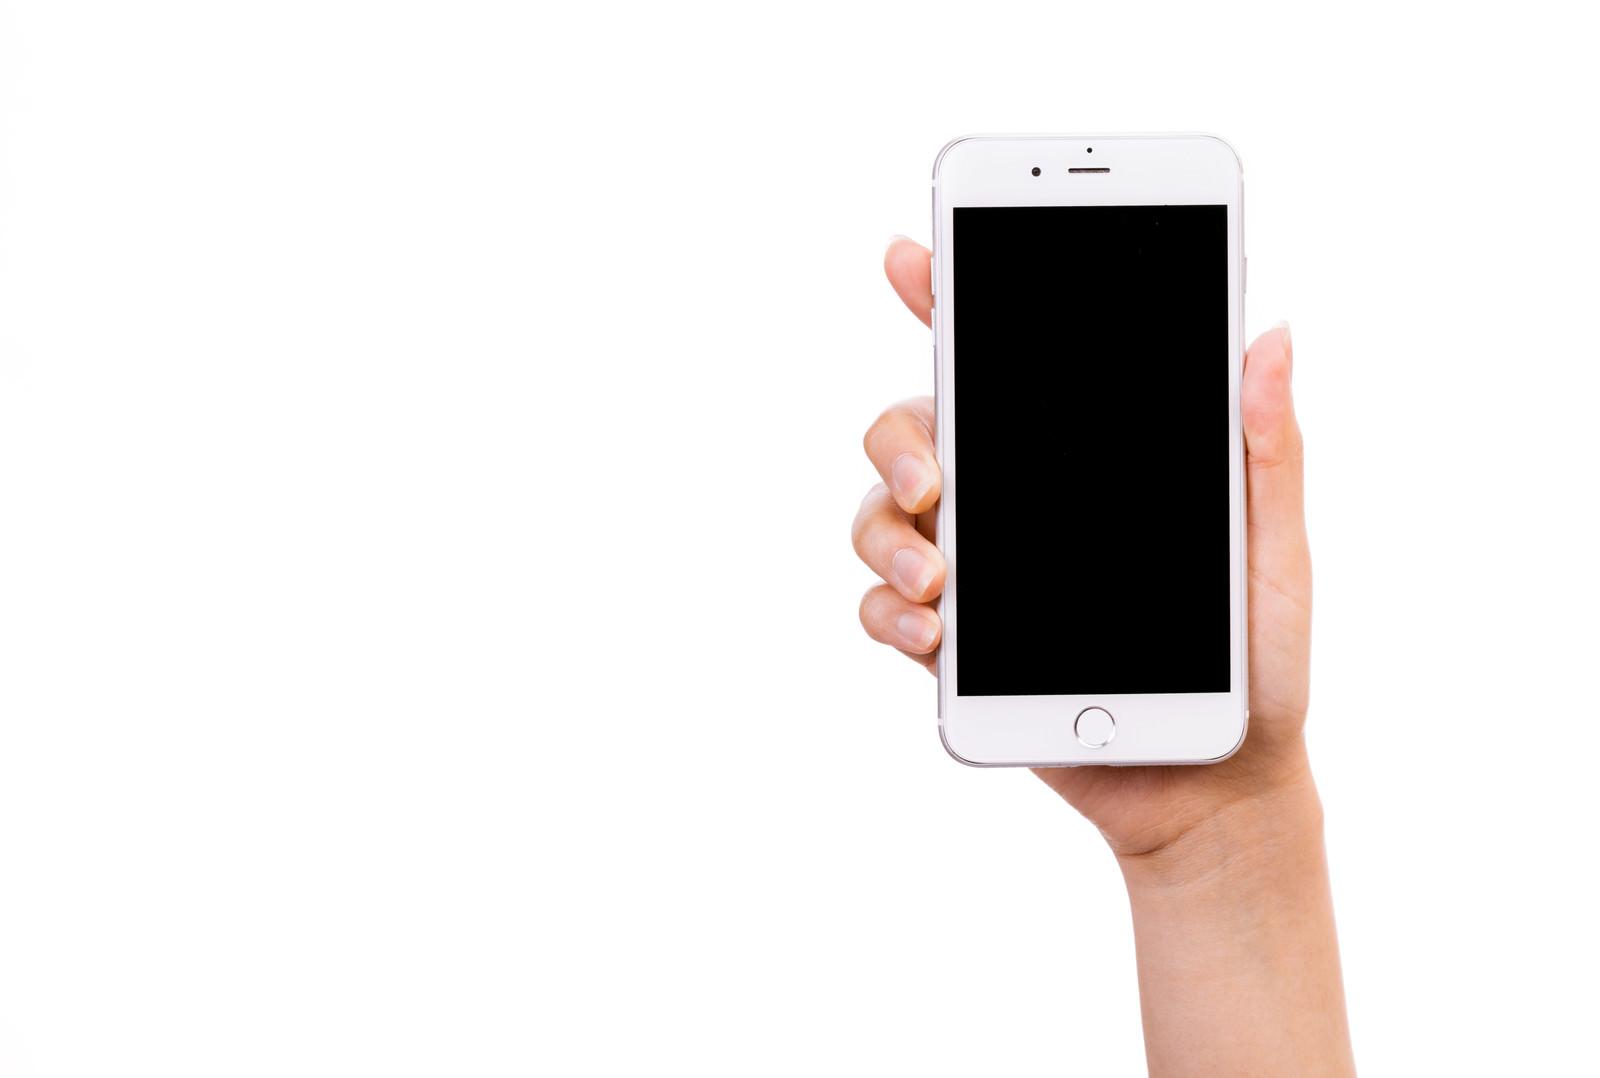 「スマートフォンを手に持って画面を見せる(切り抜きしやすい)」の写真